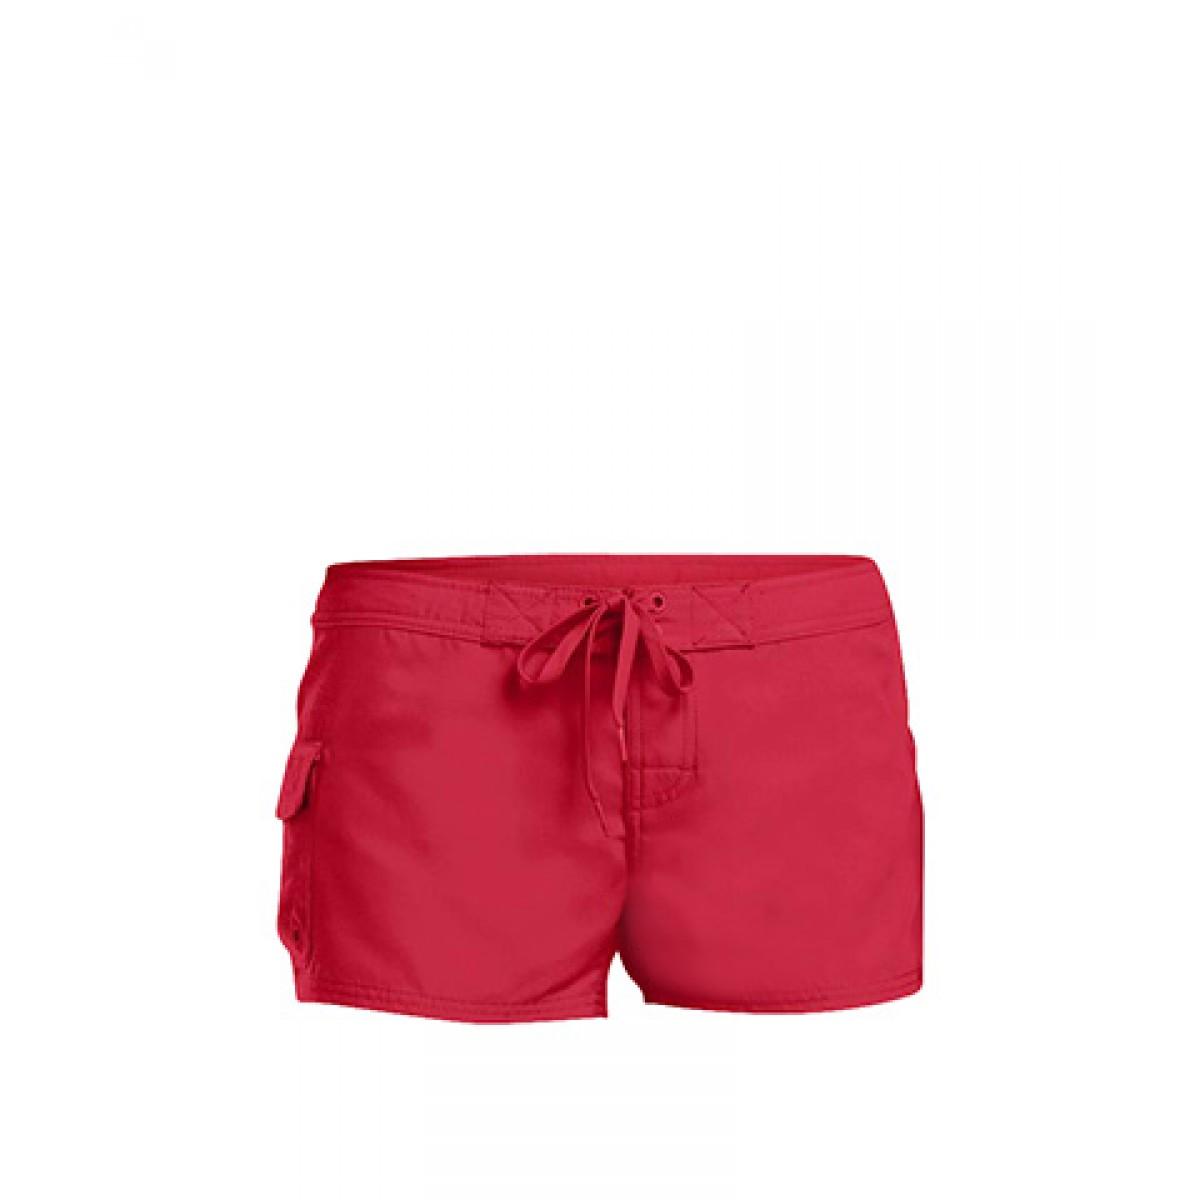 Juniors Boardshort-Red-2XL